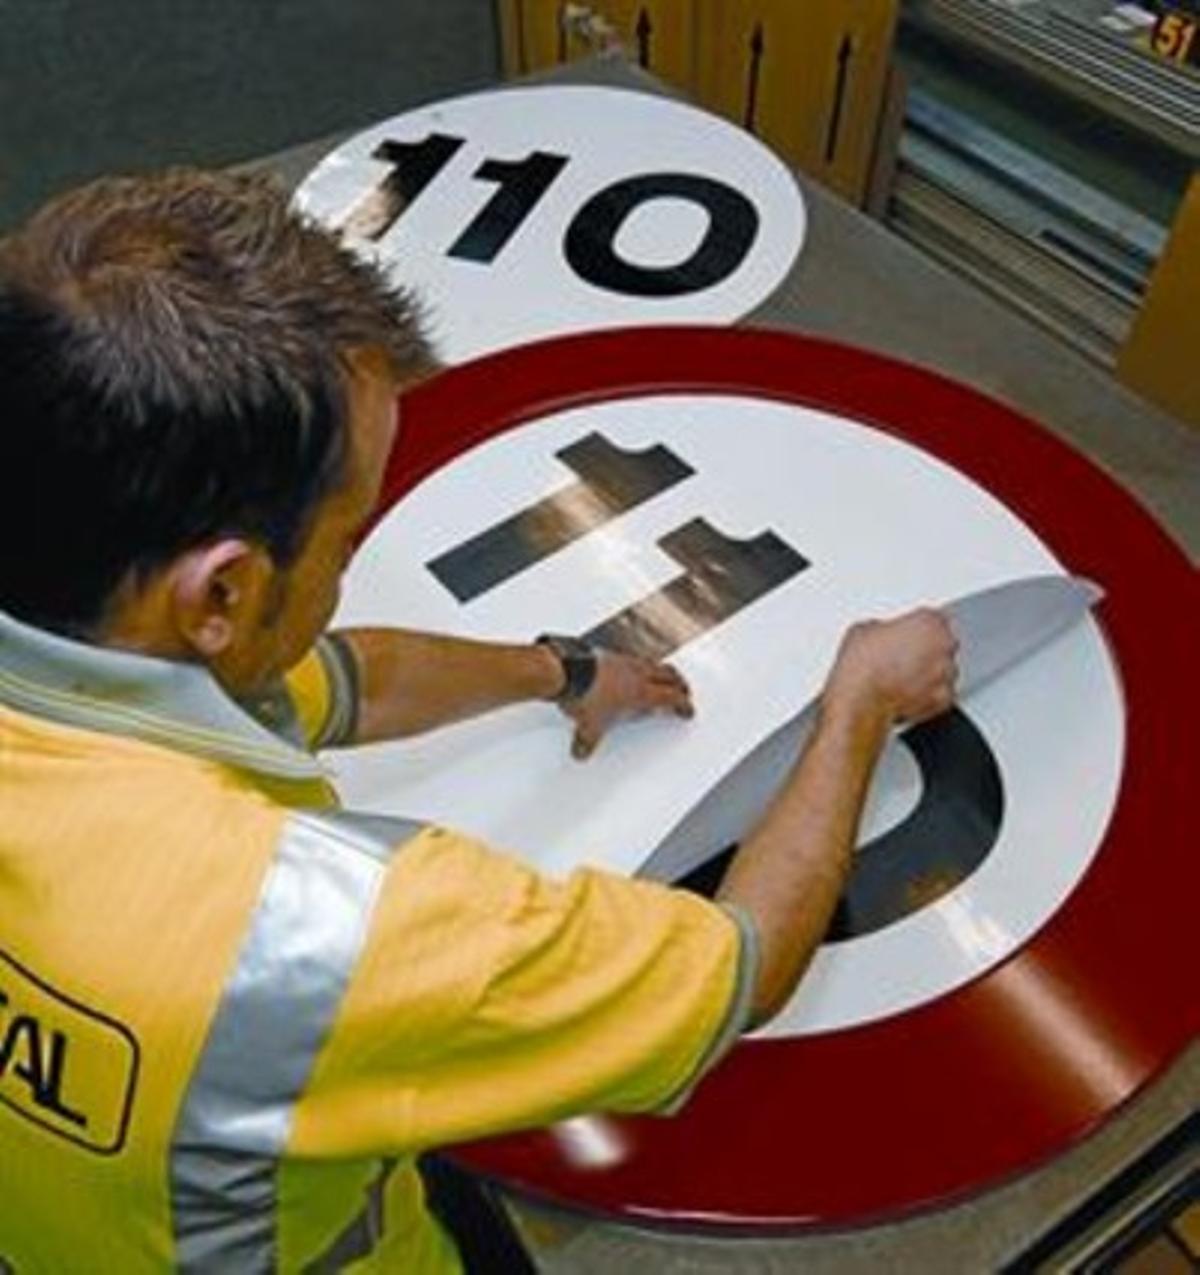 Un empleado de Proseñal pega el límite de velocidad que regirá a partir del lunes a una señal.